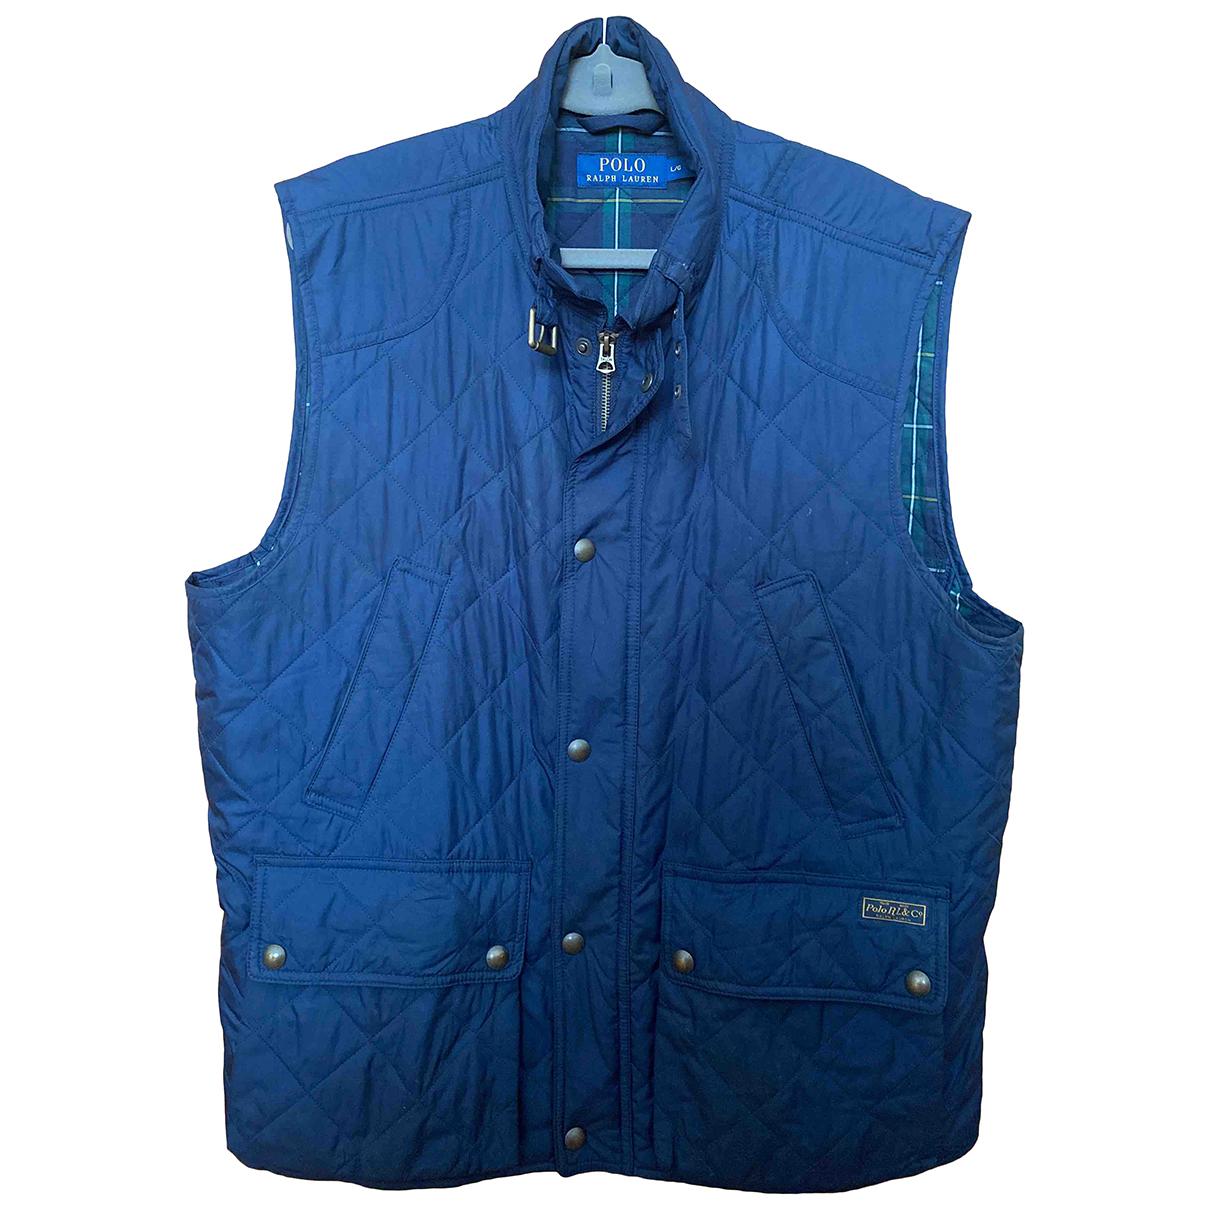 Polo Ralph Lauren - Vestes.Blousons   pour homme - bleu